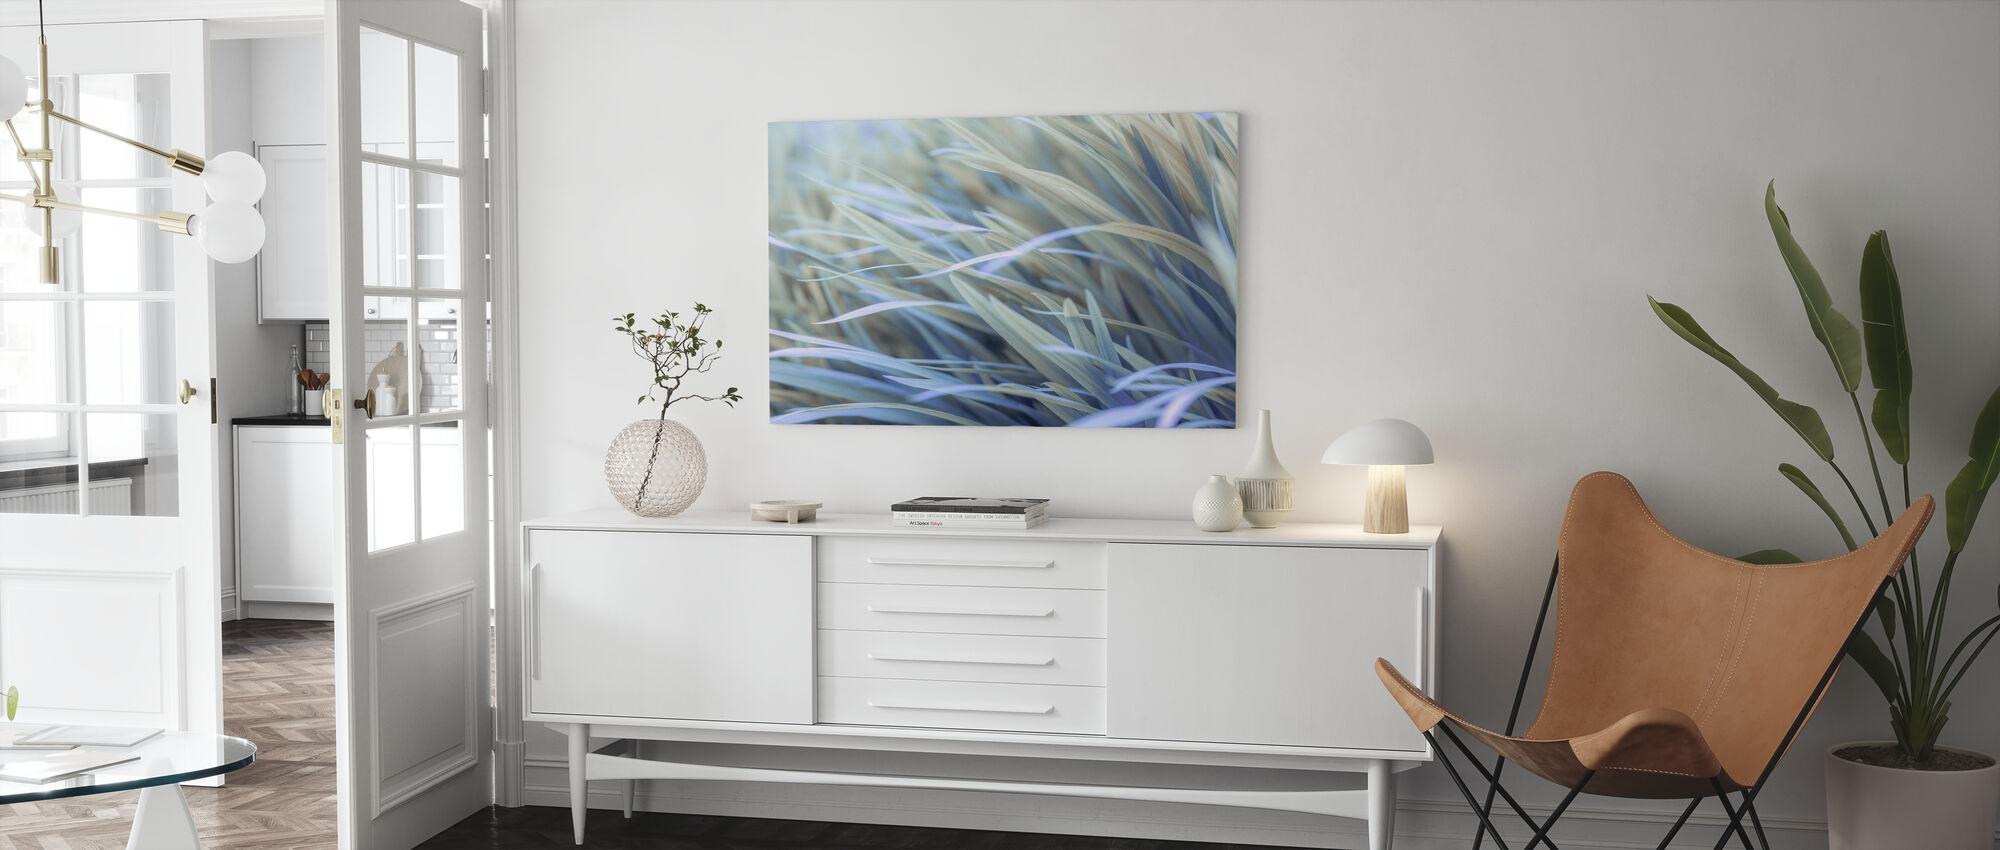 Gras - Leinwandbild - Wohnzimmer